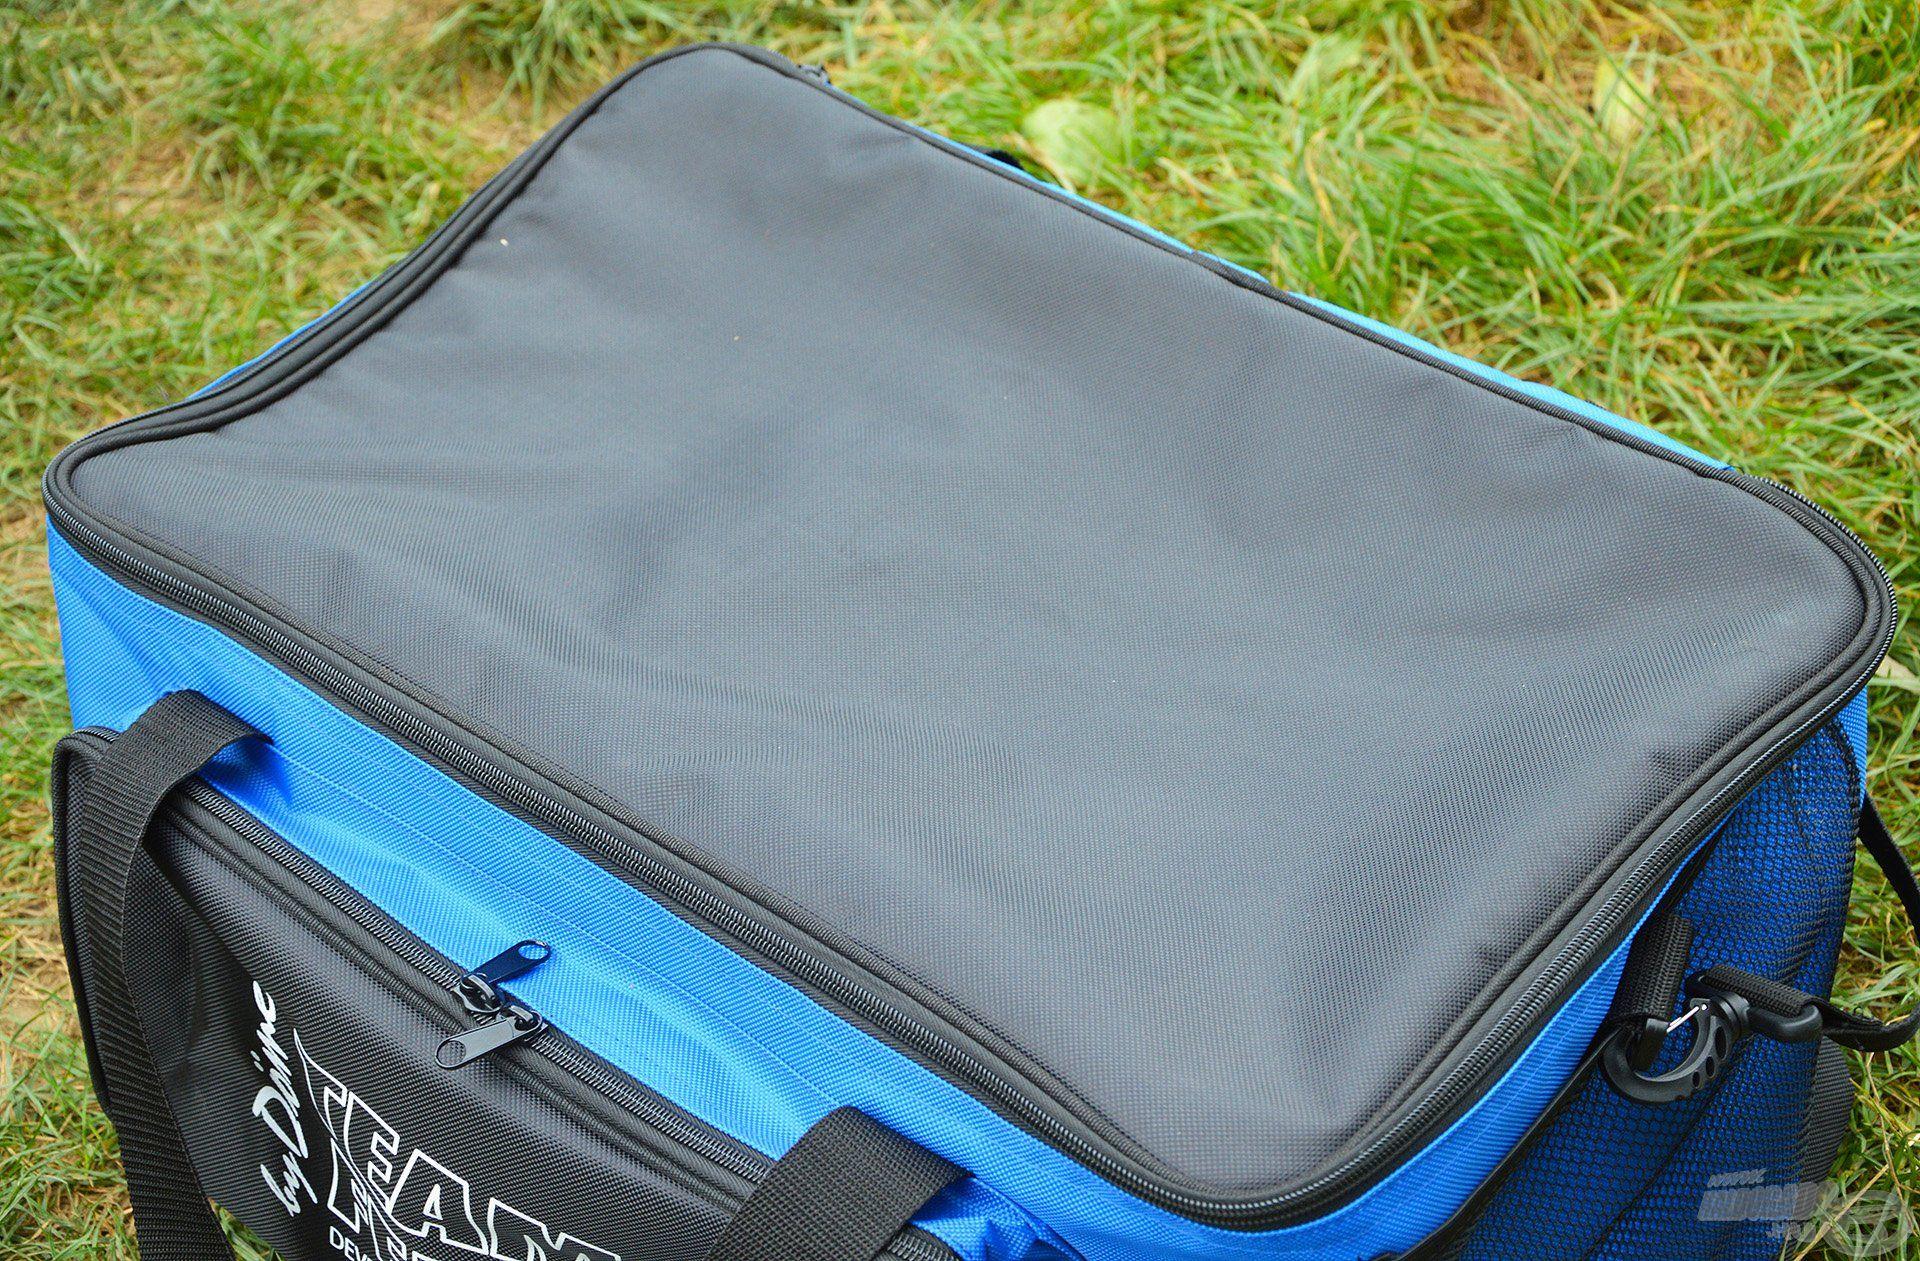 A táska anyaga nylon szövet, ráadásul a fedél rész mérsékelten vízlepergető hatású